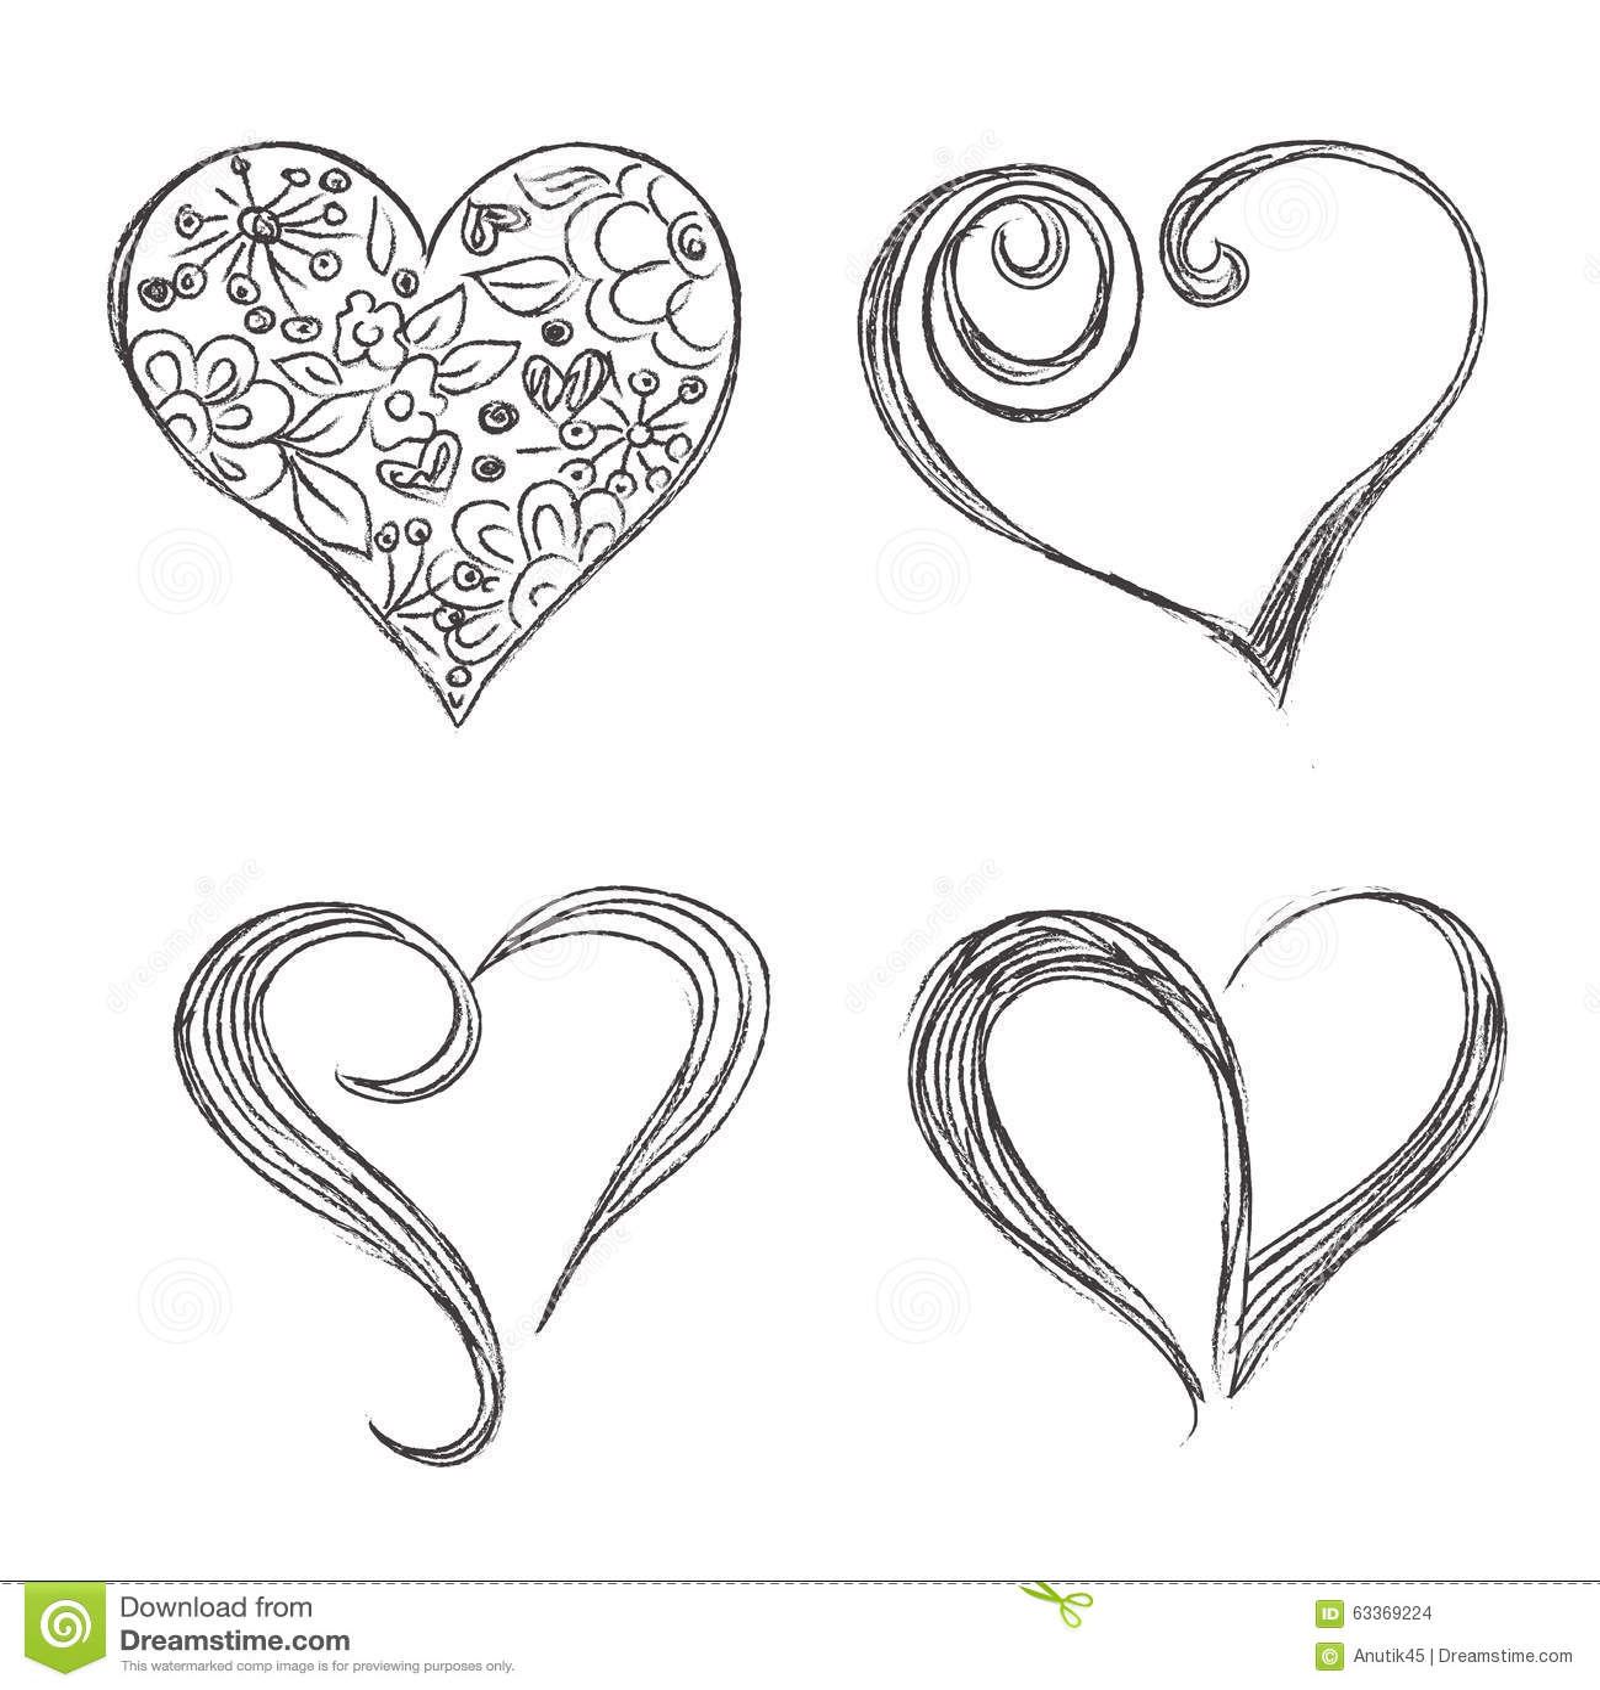 心脏,集合,手,被画,剪影,传染媒介, illuatration图片